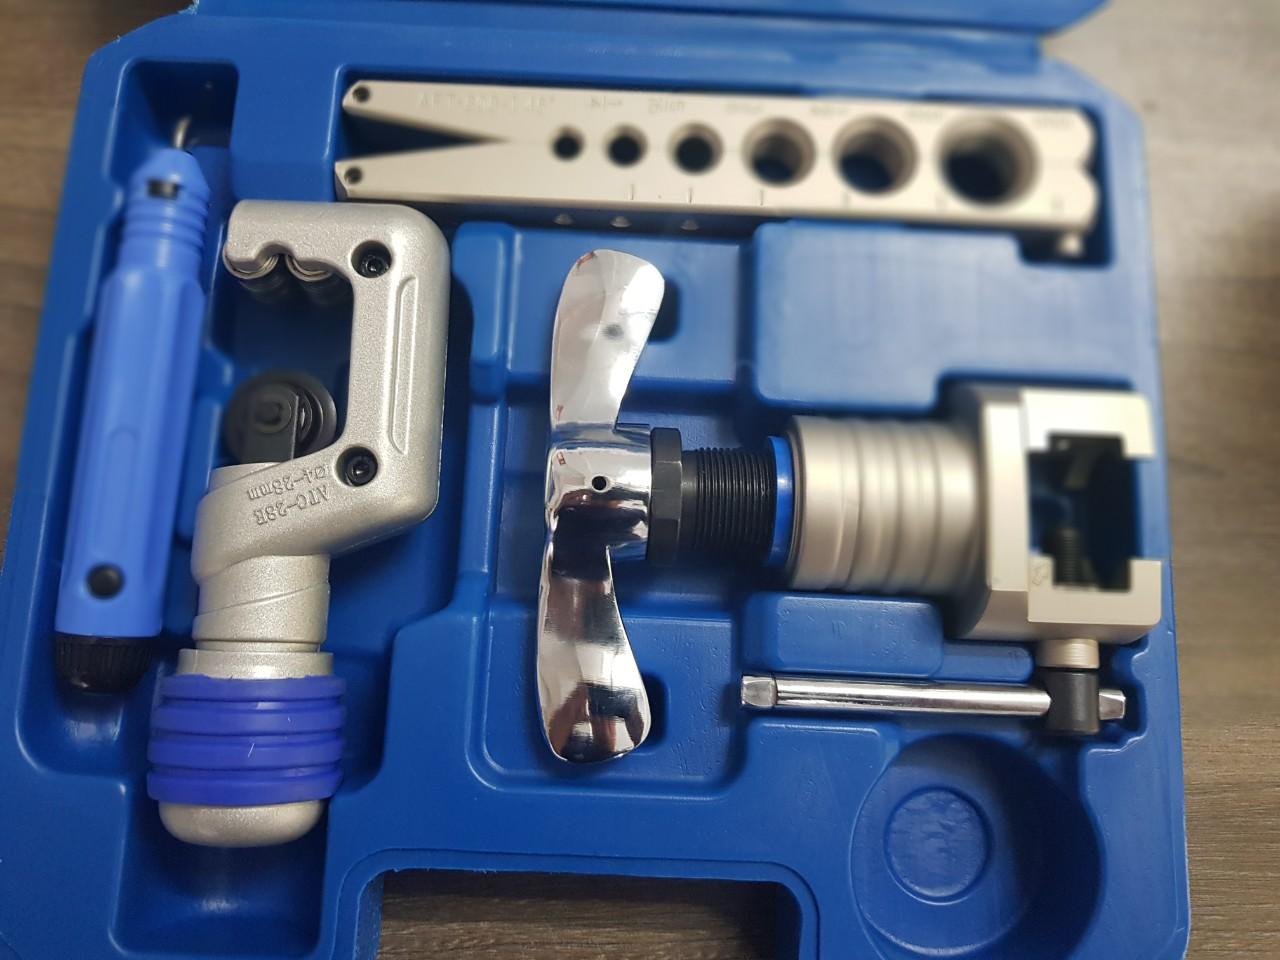 Bộ loe ống đồng Aitcool ATK-1 - Hàng Nhập Khẩu